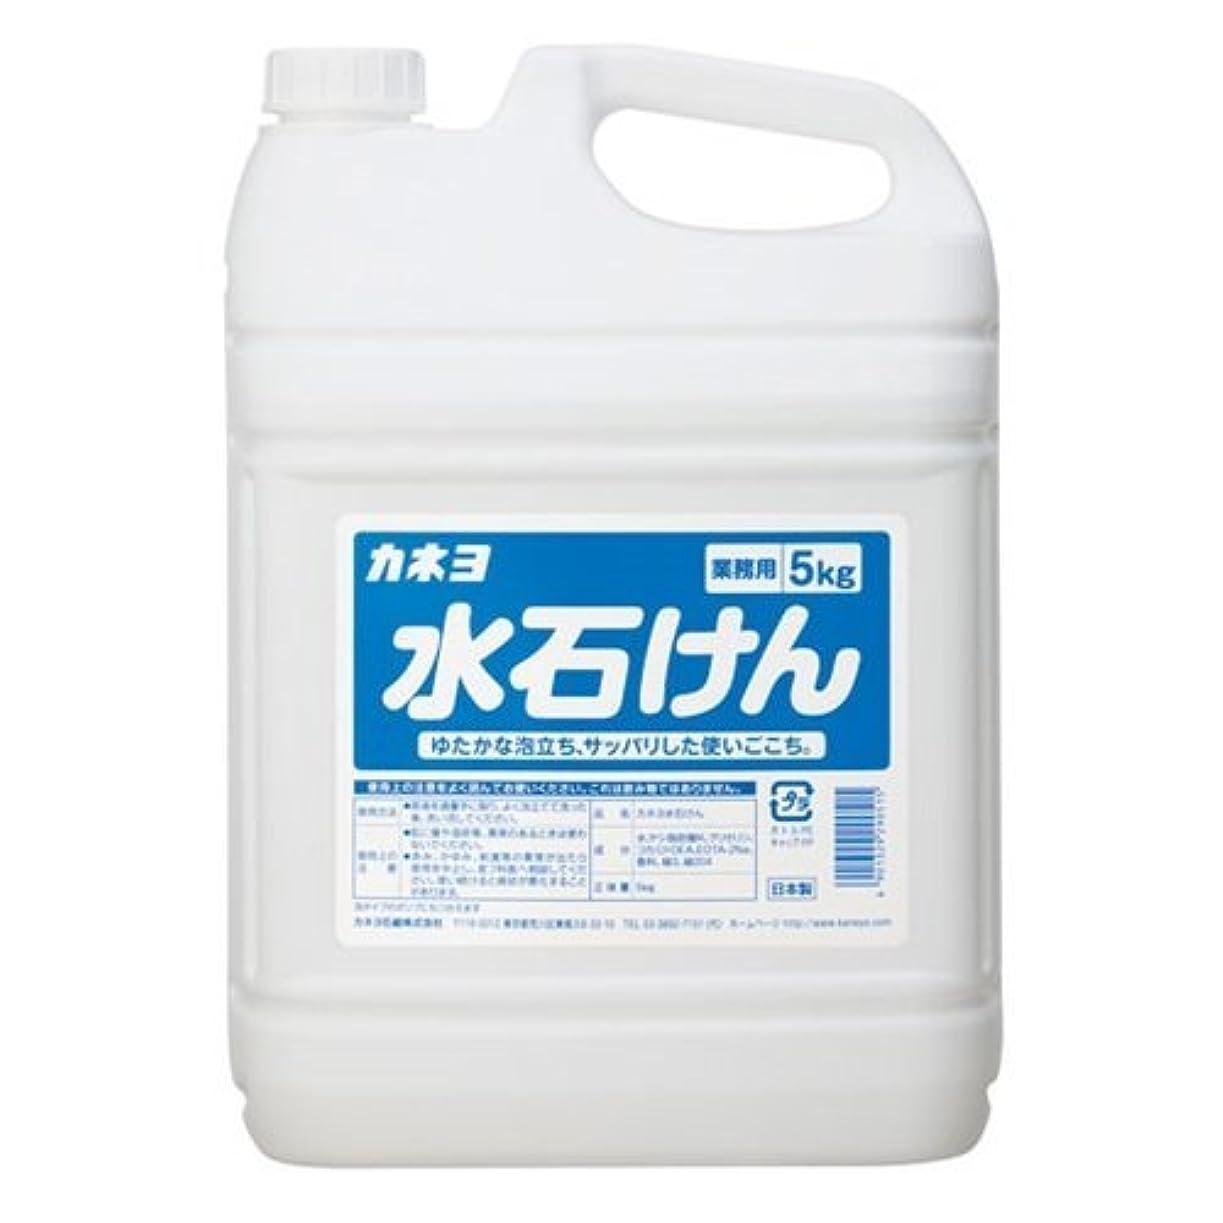 怒り抗議バター【ケース販売】業務用 カネヨ水石けん 5㎏×3本